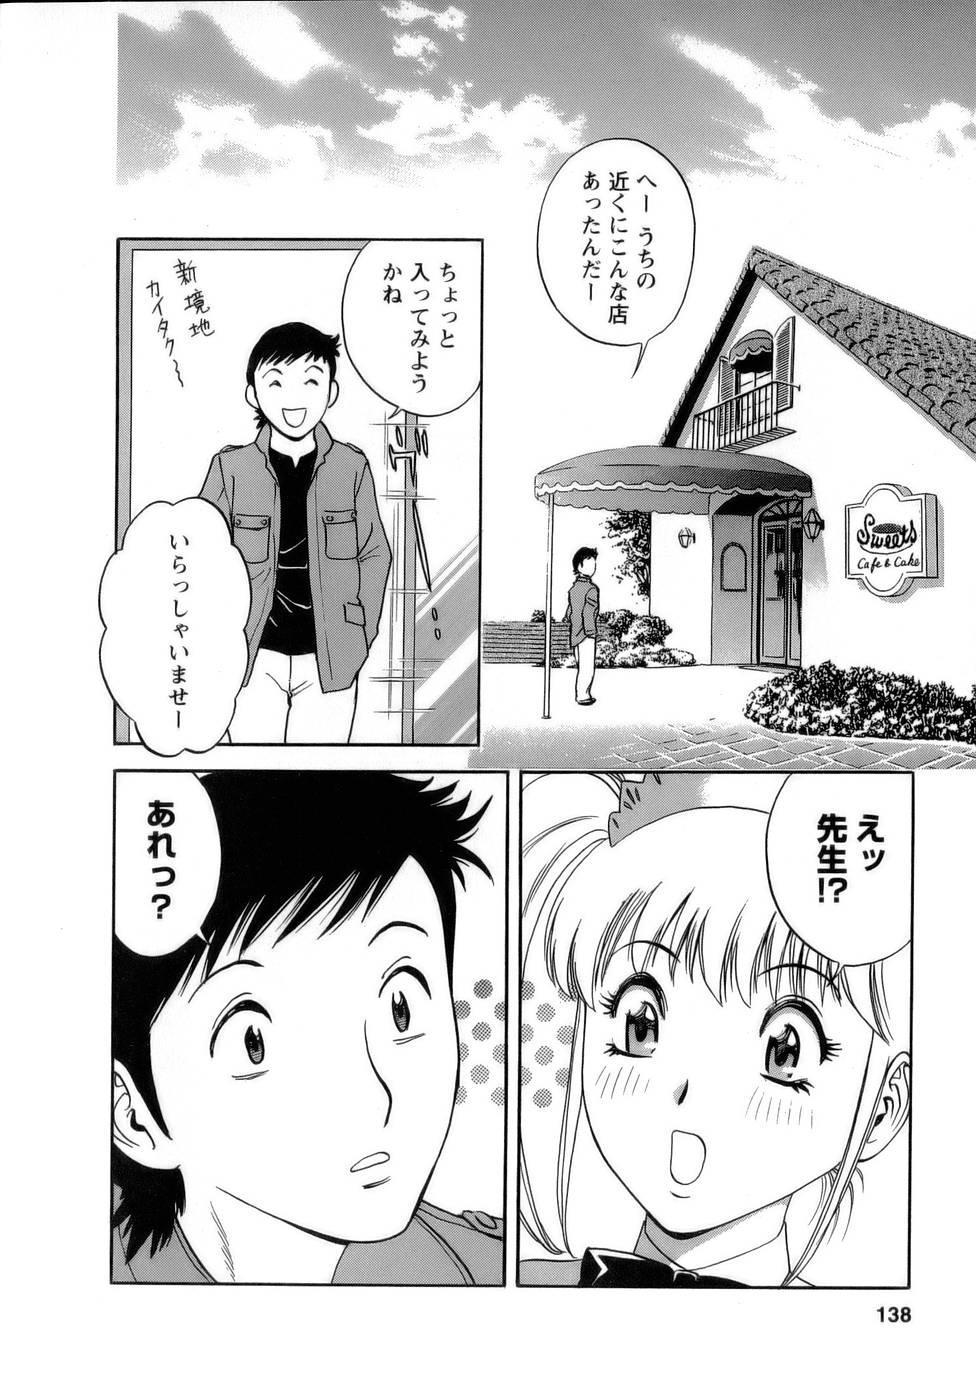 [Hidemaru] Mo-Retsu! Boin Sensei (Boing Boing Teacher) Vol.1 137